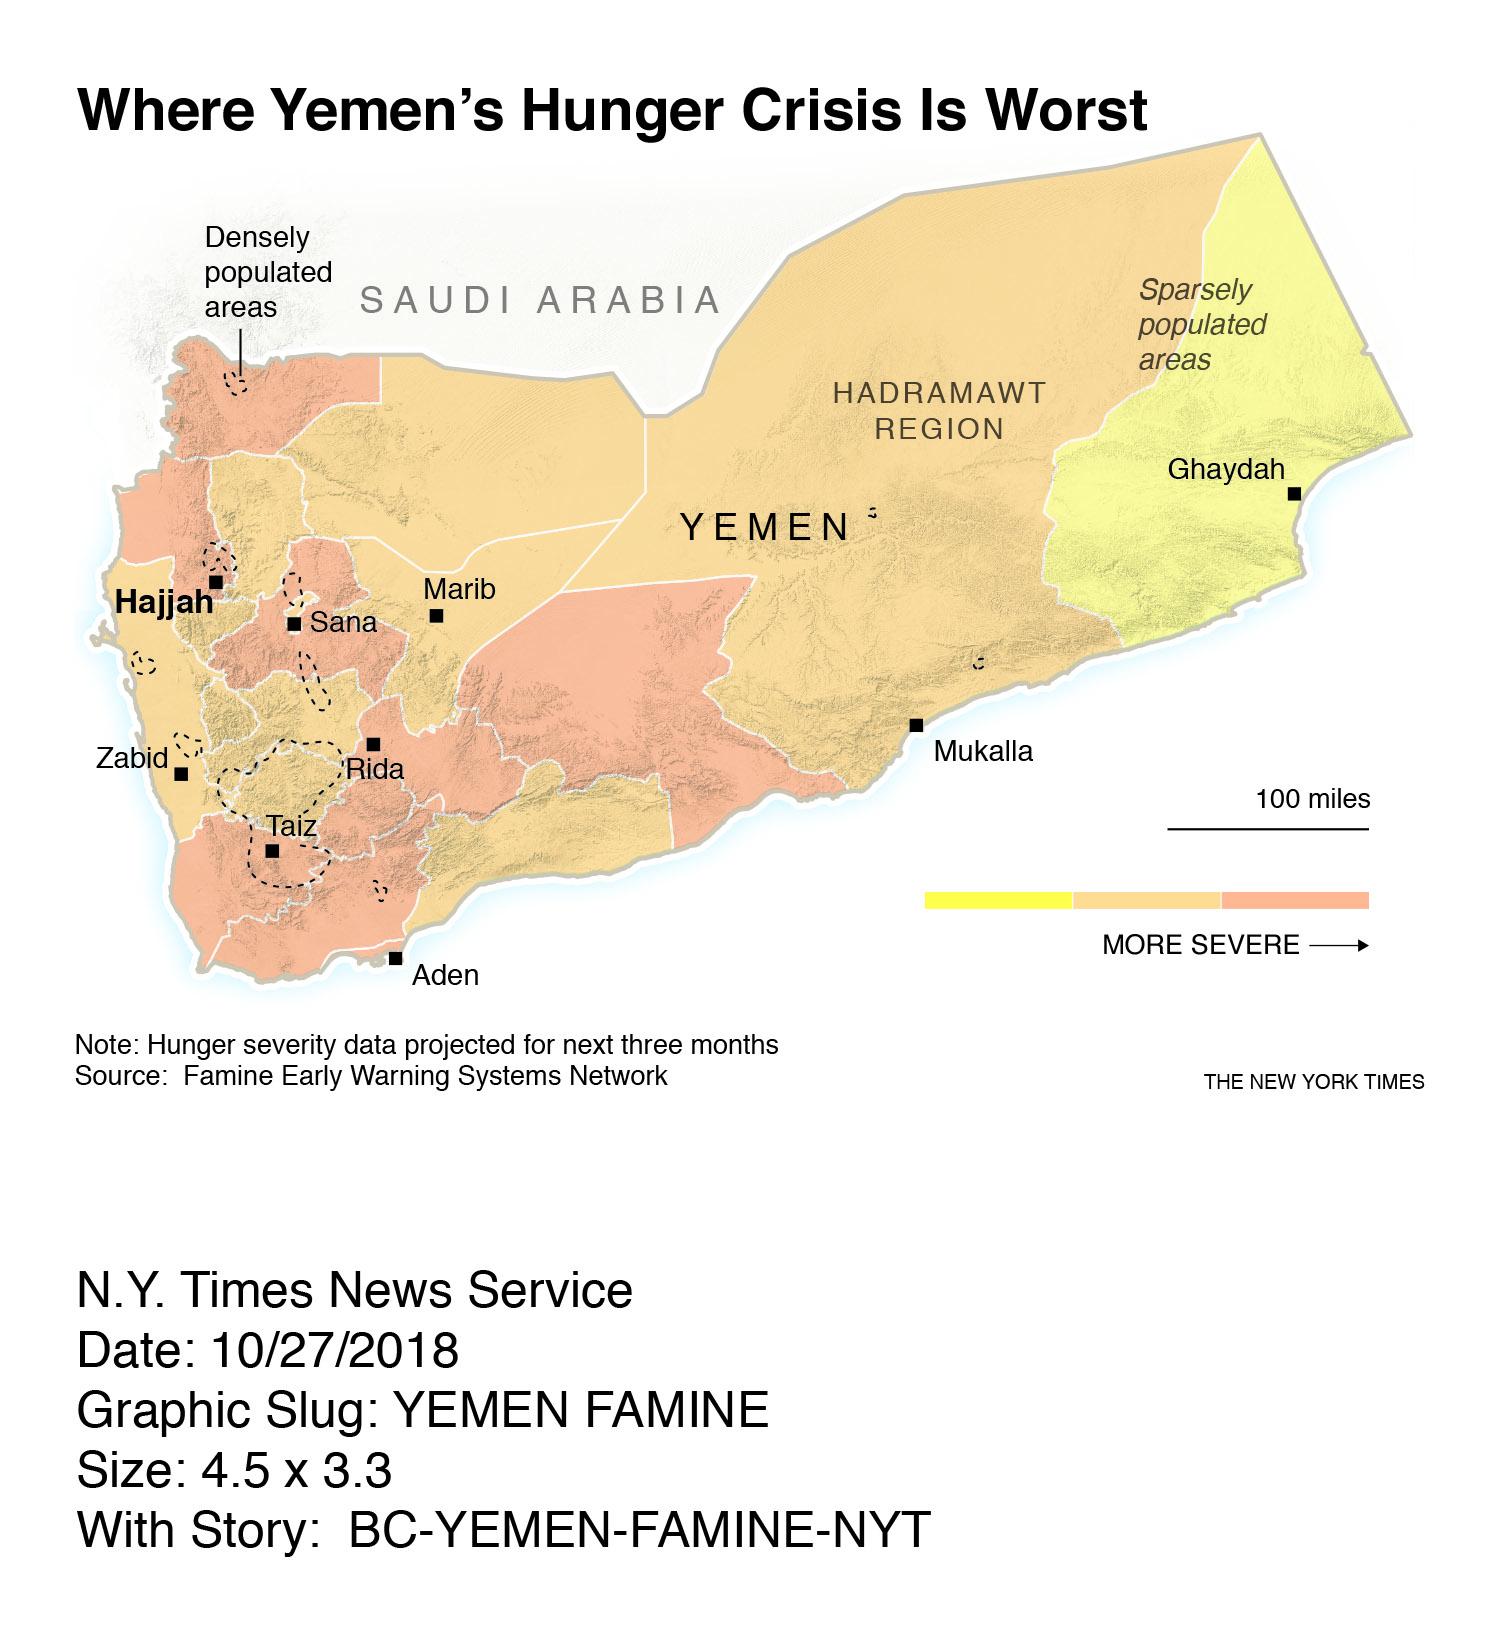 葉門斷糧map